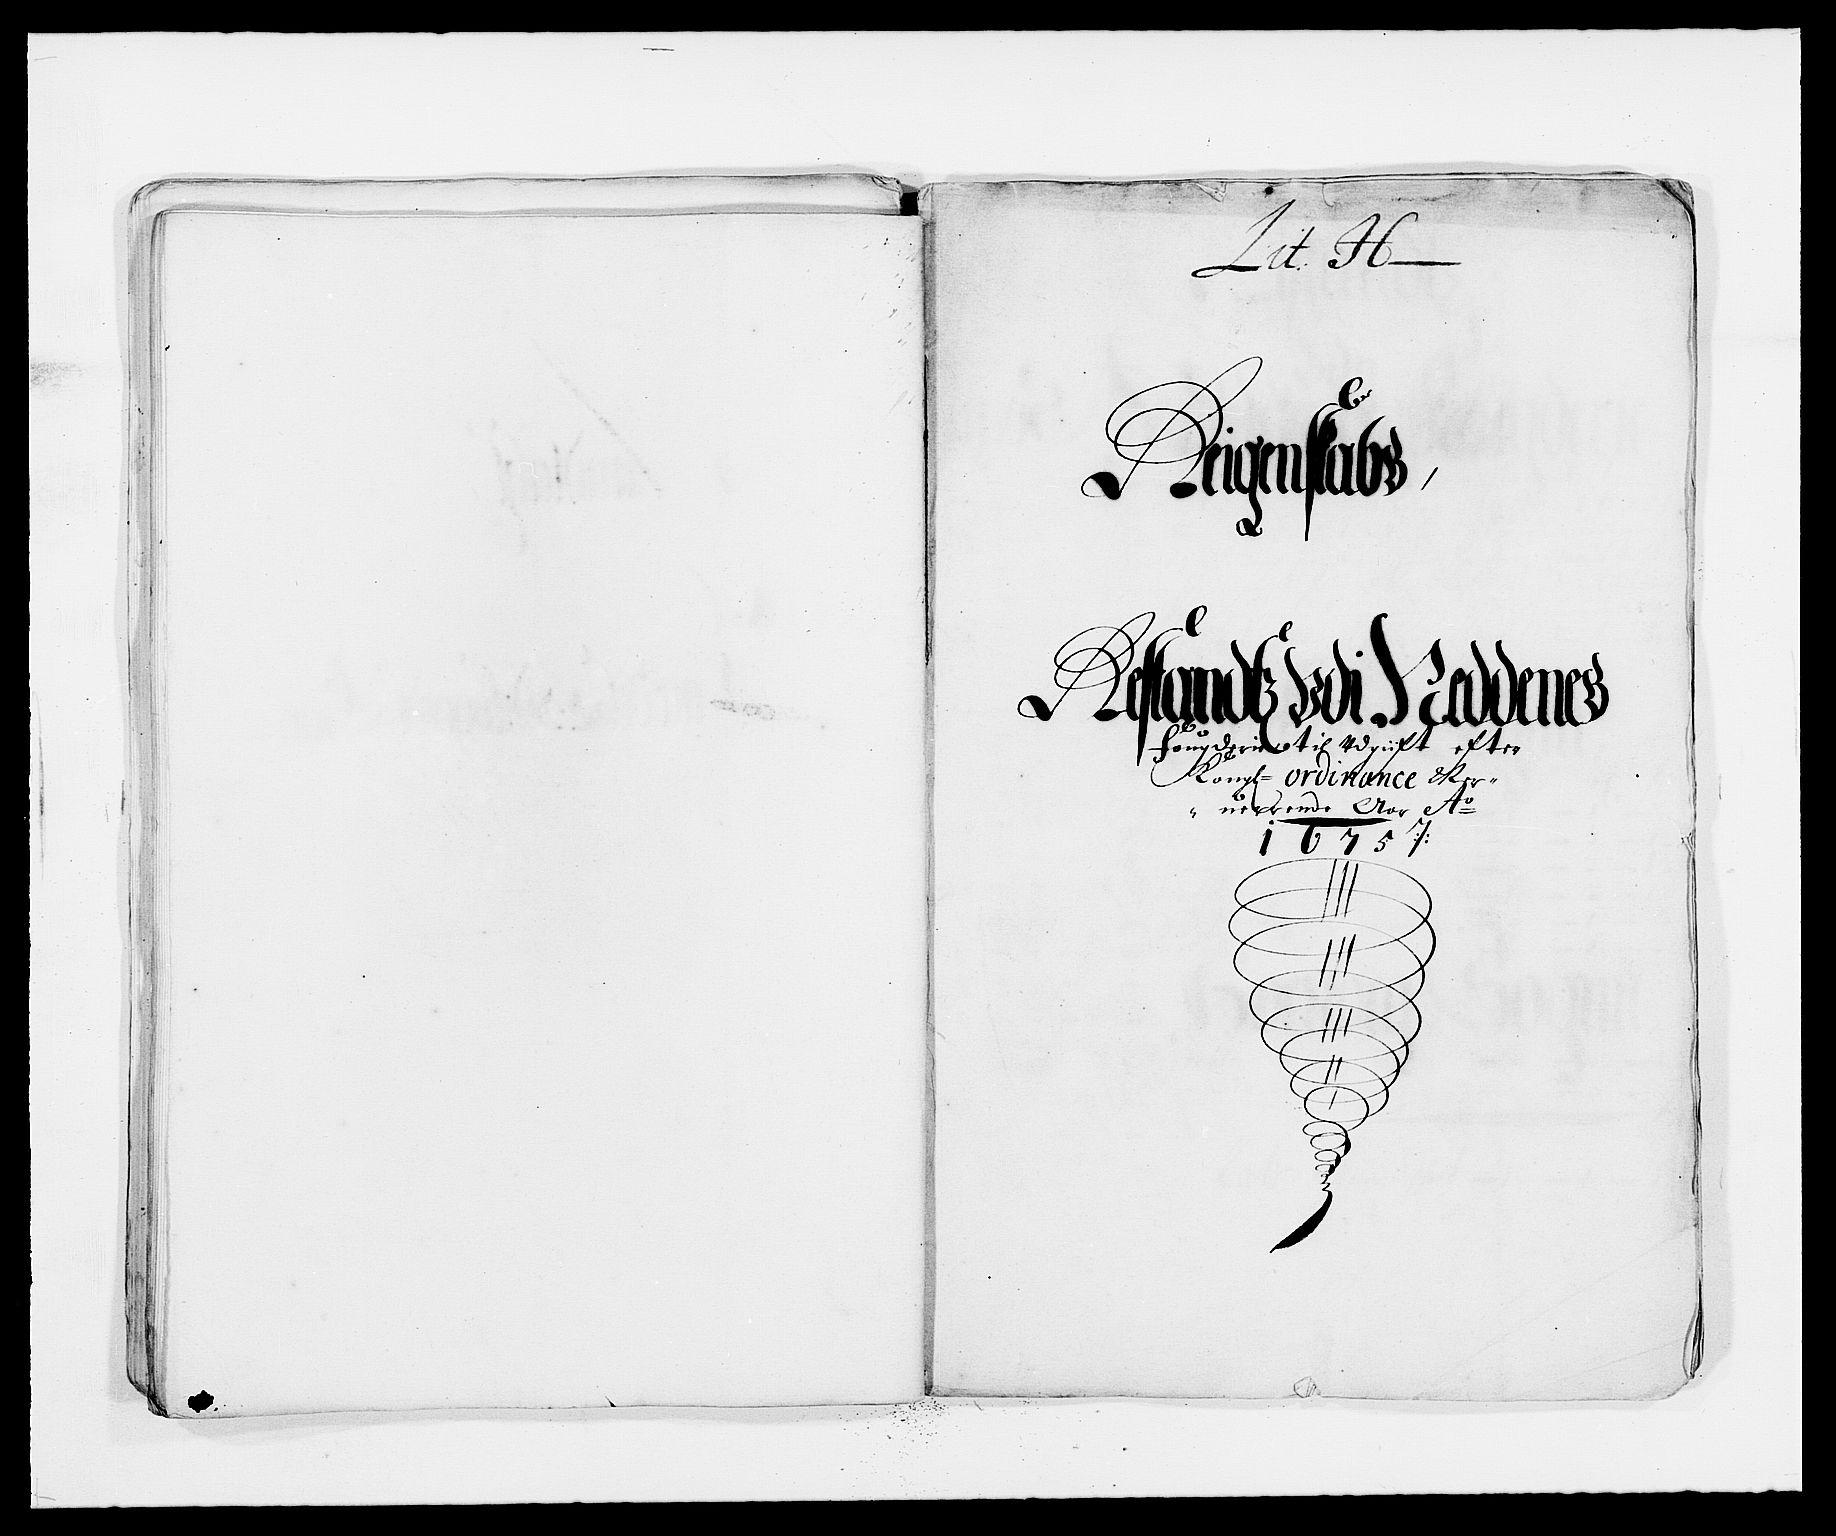 RA, Rentekammeret inntil 1814, Reviderte regnskaper, Fogderegnskap, R39/L2301: Fogderegnskap Nedenes, 1675-1676, s. 161